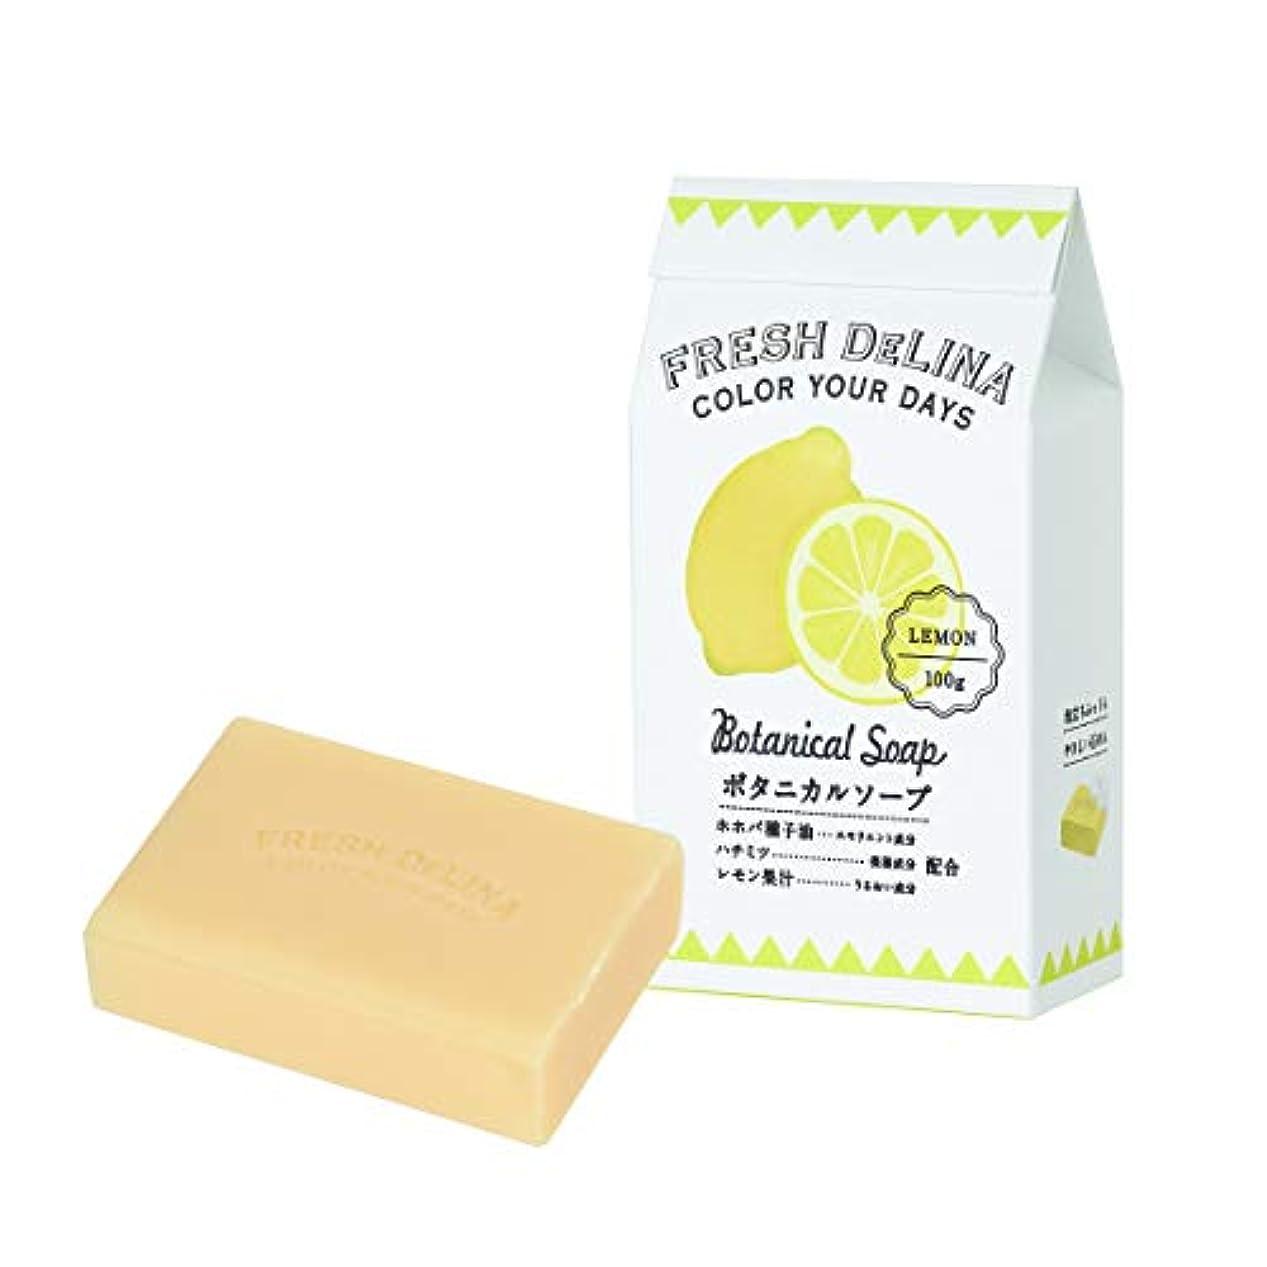 絶えず解釈真っ逆さまフレッシュデリーナ ボタニカルソープ レモン 100g